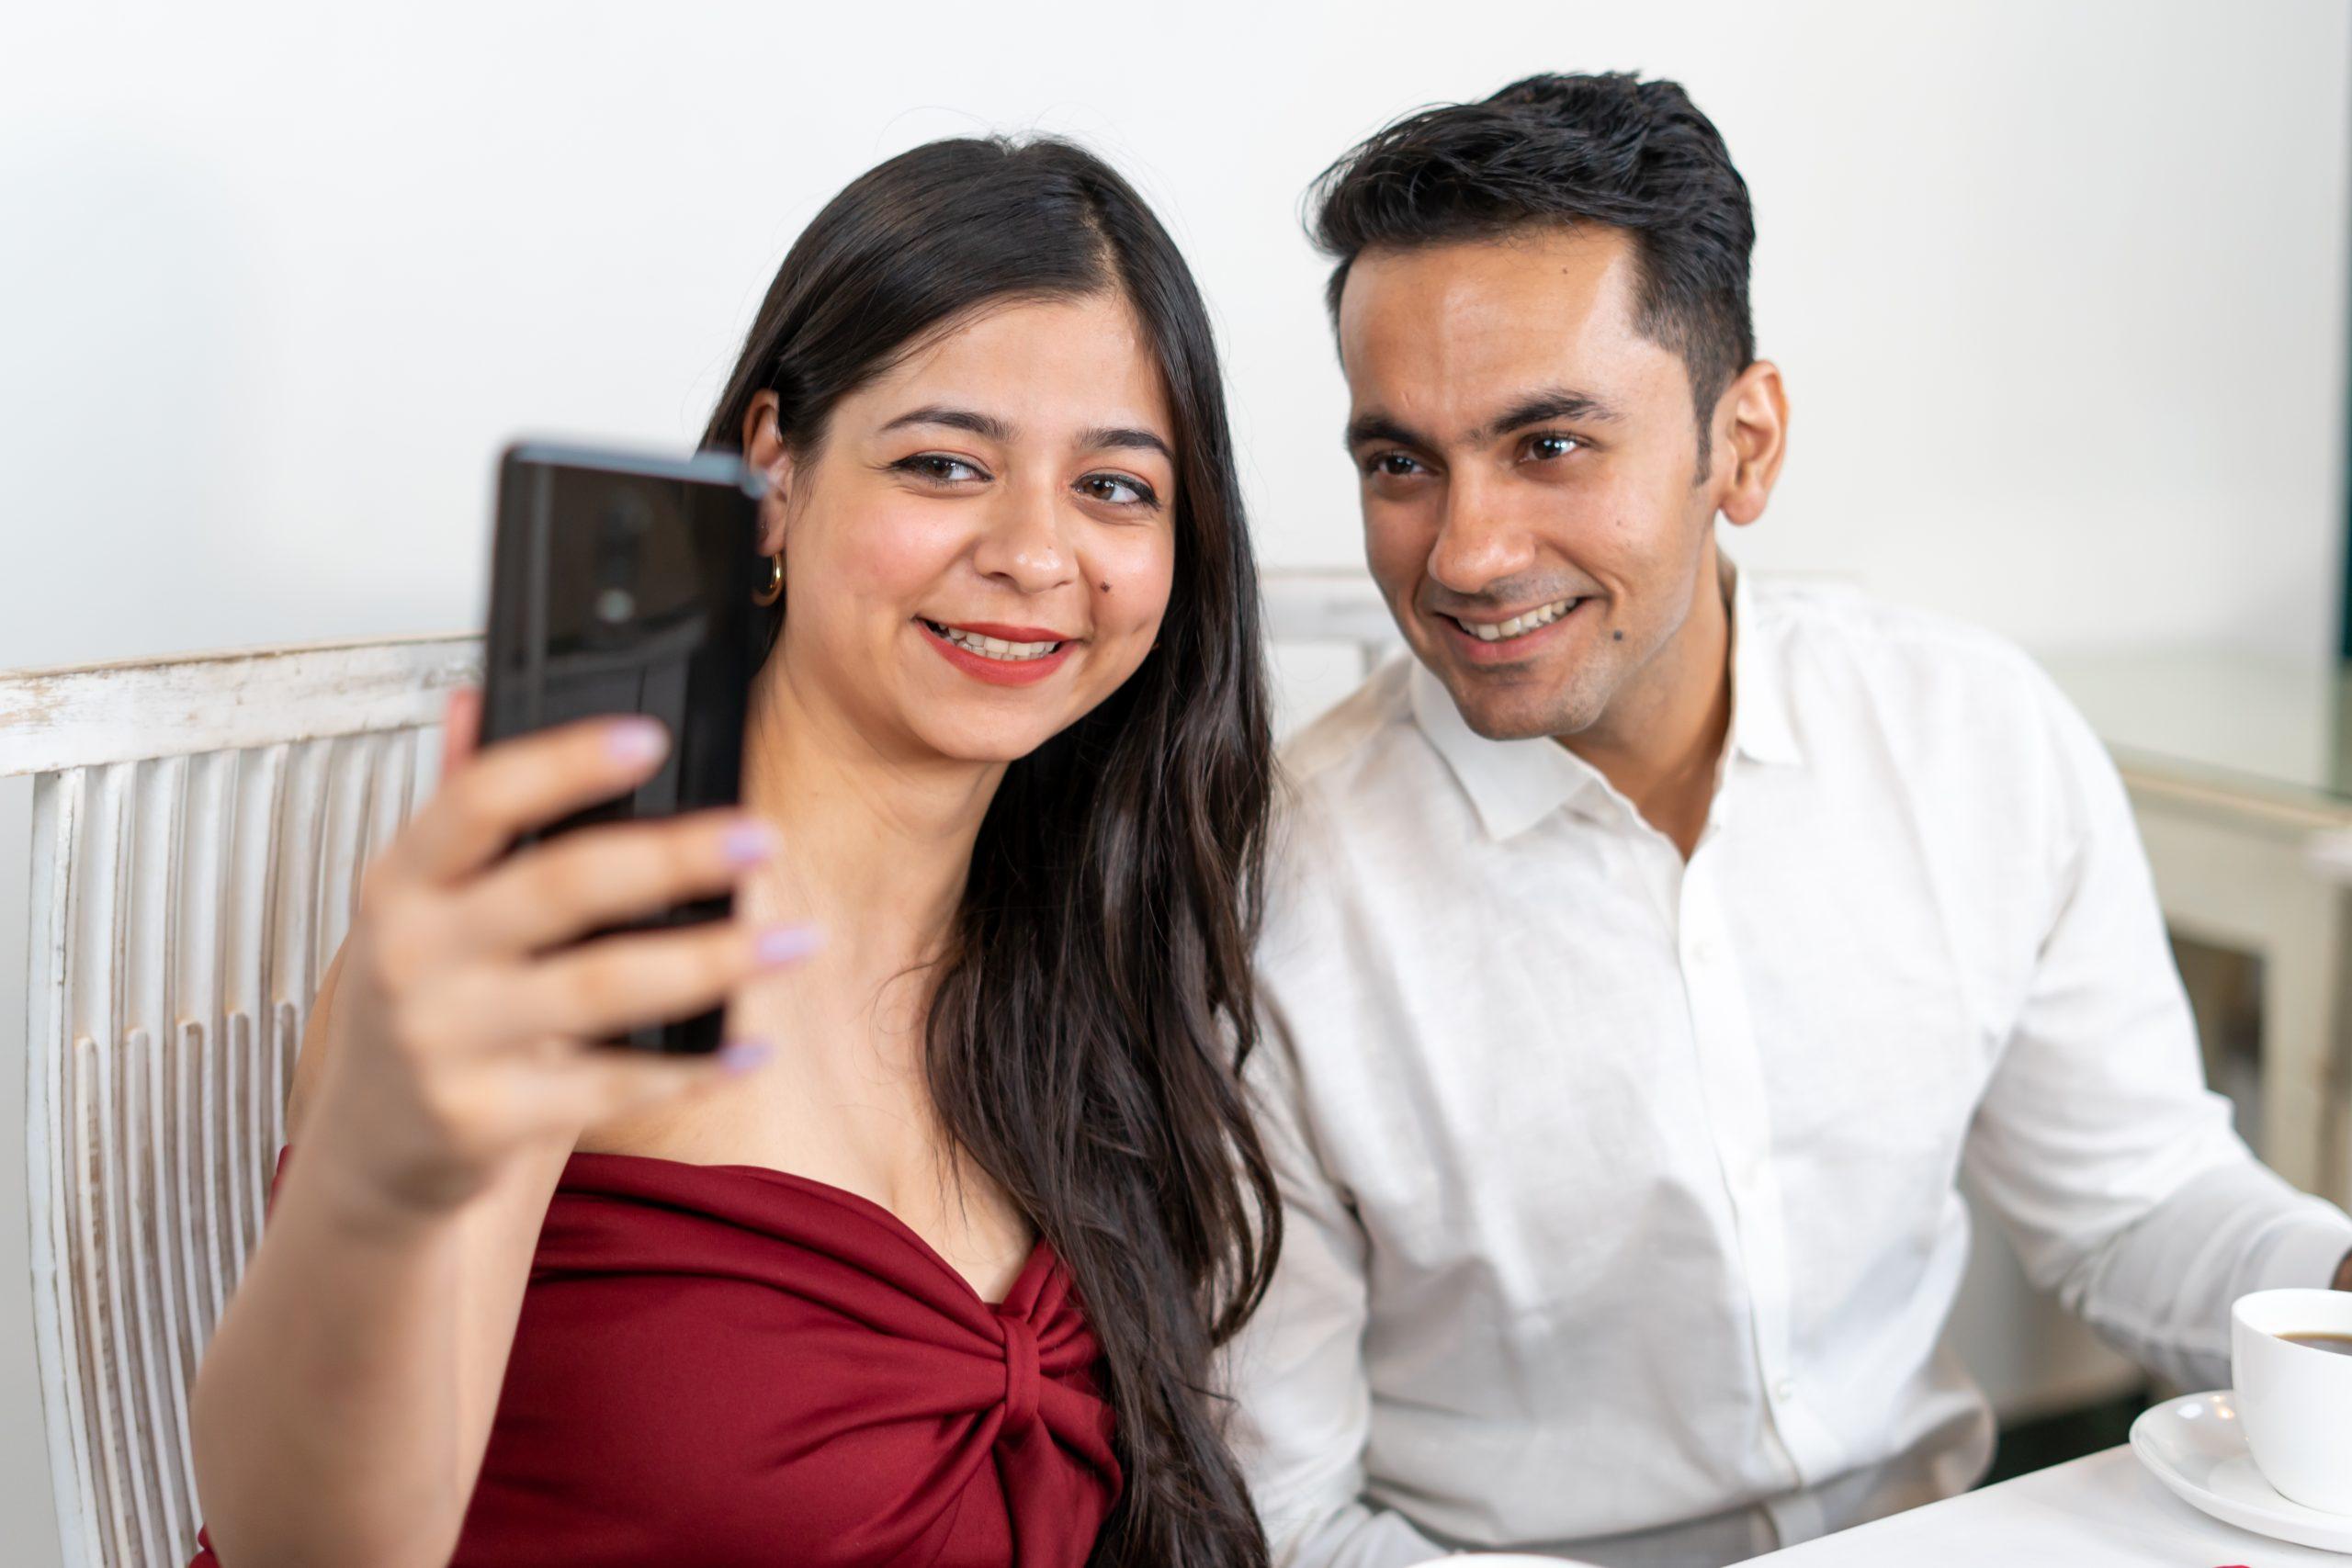 Boyfriend and girlfriend taking selfie in restaurant